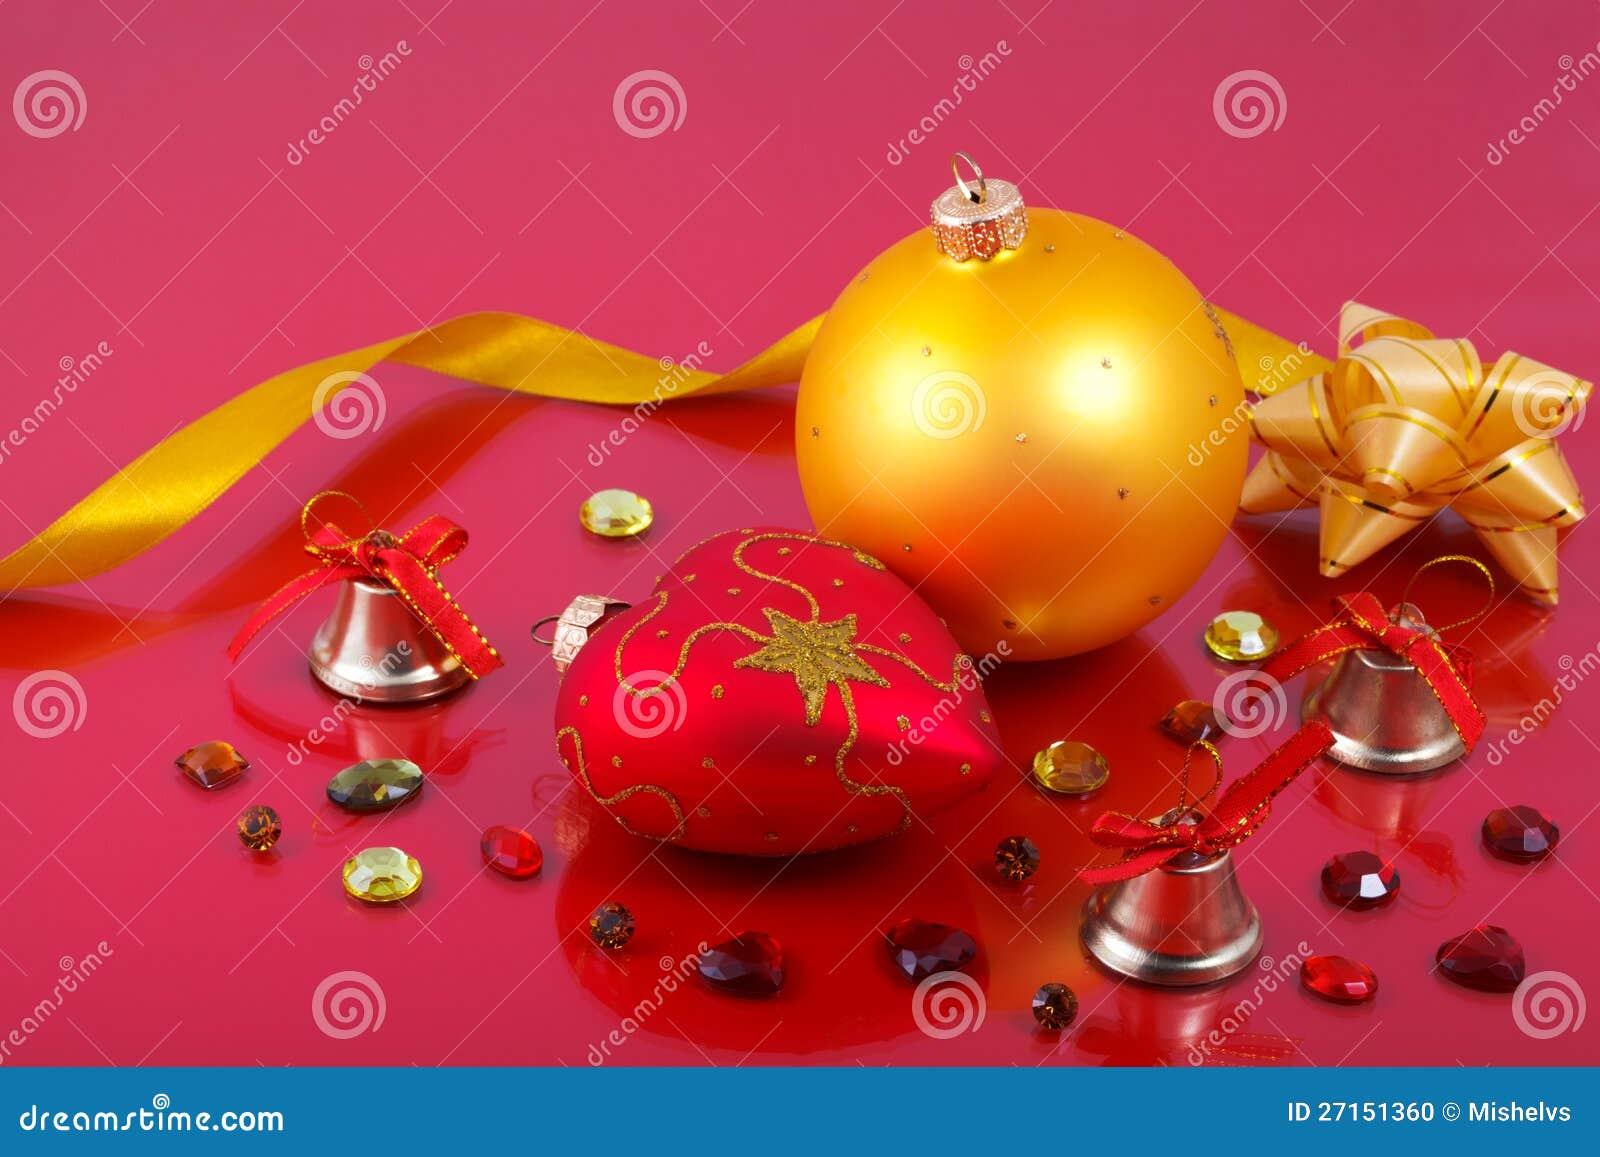 Decoraciones De La Navidad Con Las Piedras Preciosas Foto de archivo